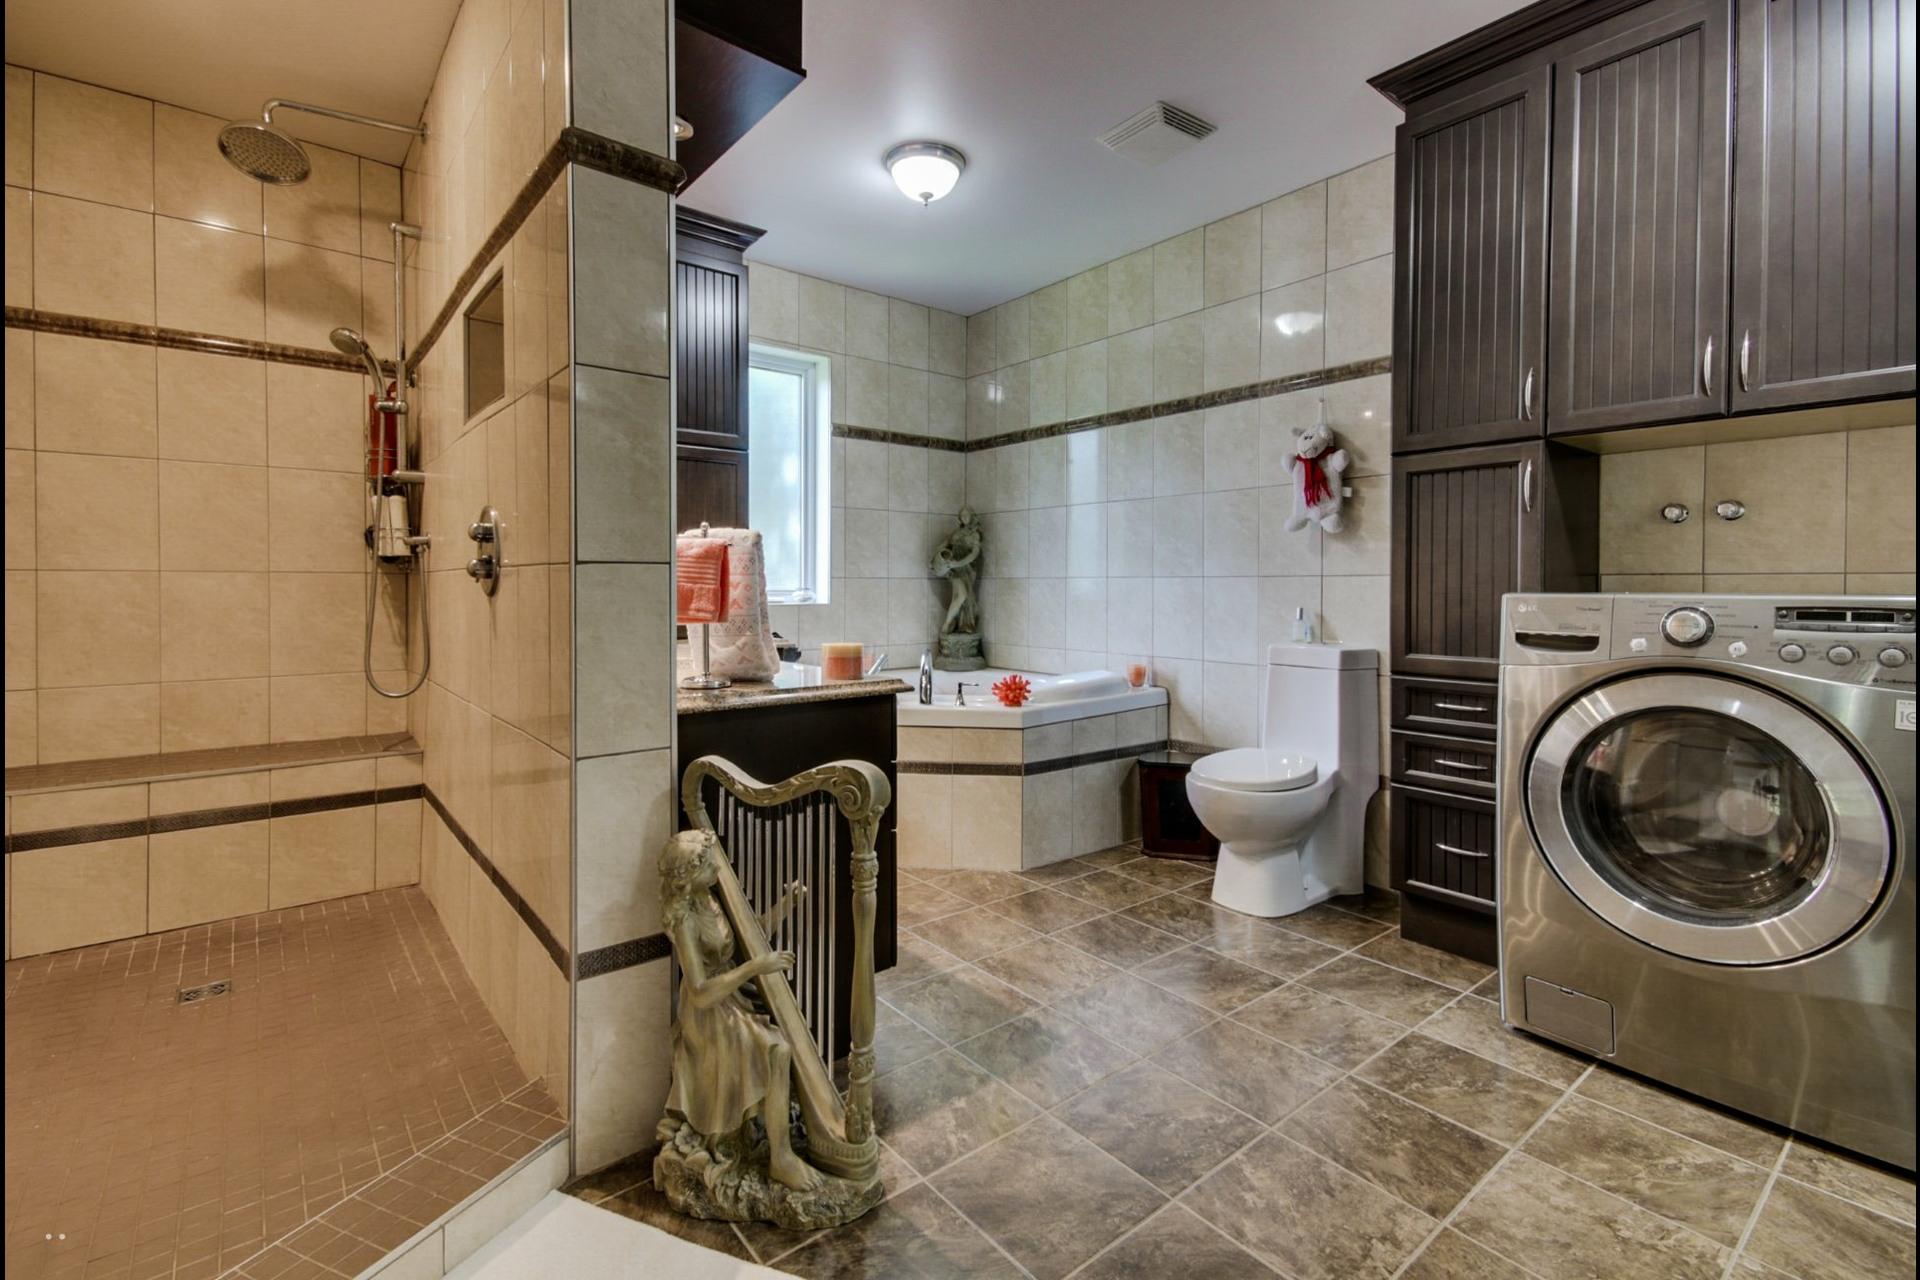 image 9 - Duplex For sale Trois-Rivières - 14 rooms